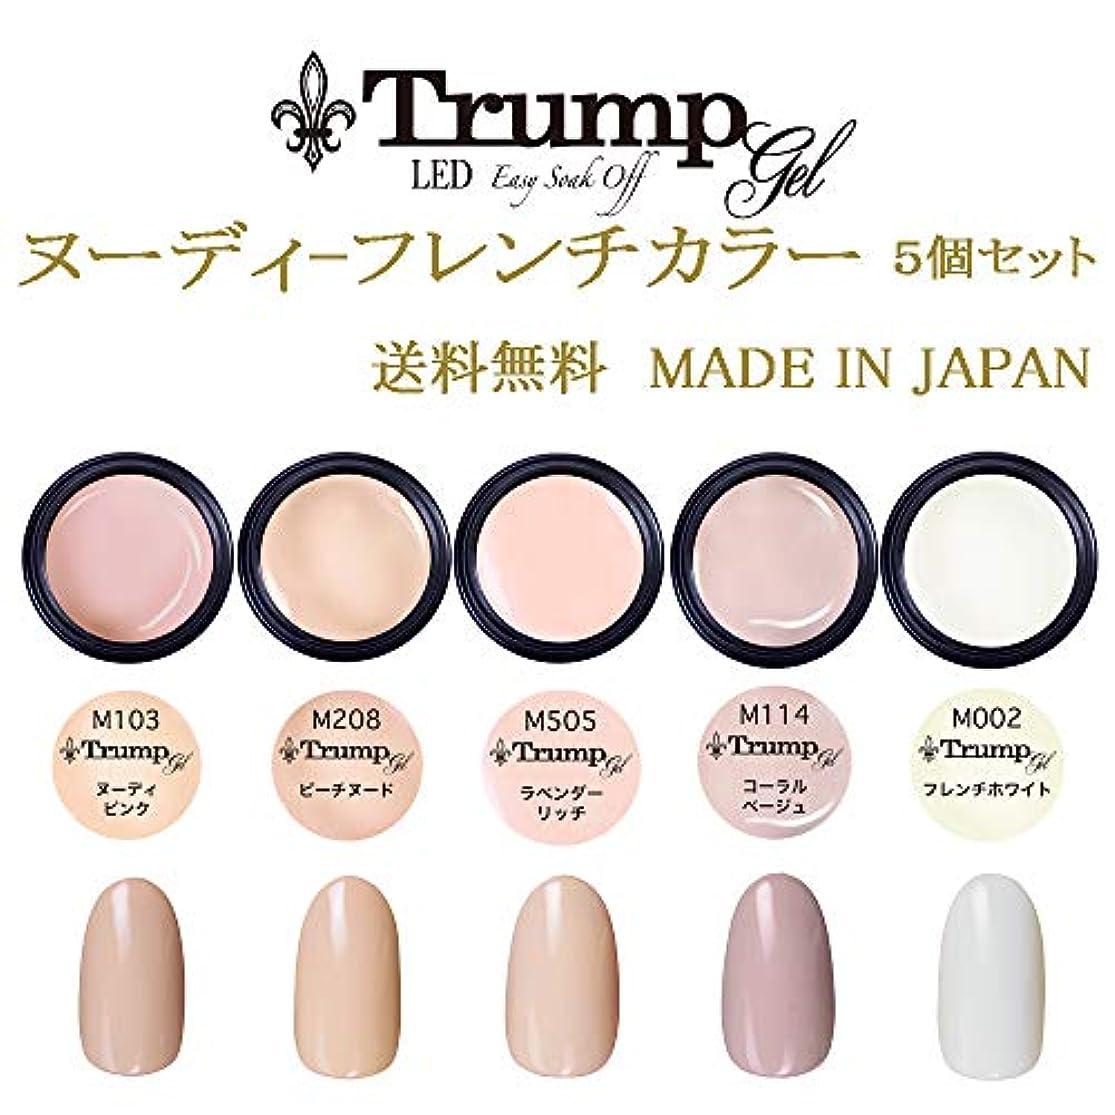 不名誉なテザーテザー【送料無料】日本製 Trump gel トランプジェルヌーディフレンチカラージェル 5個セット 肌馴染みの良い ヌーデイフレンチカラージェルセット